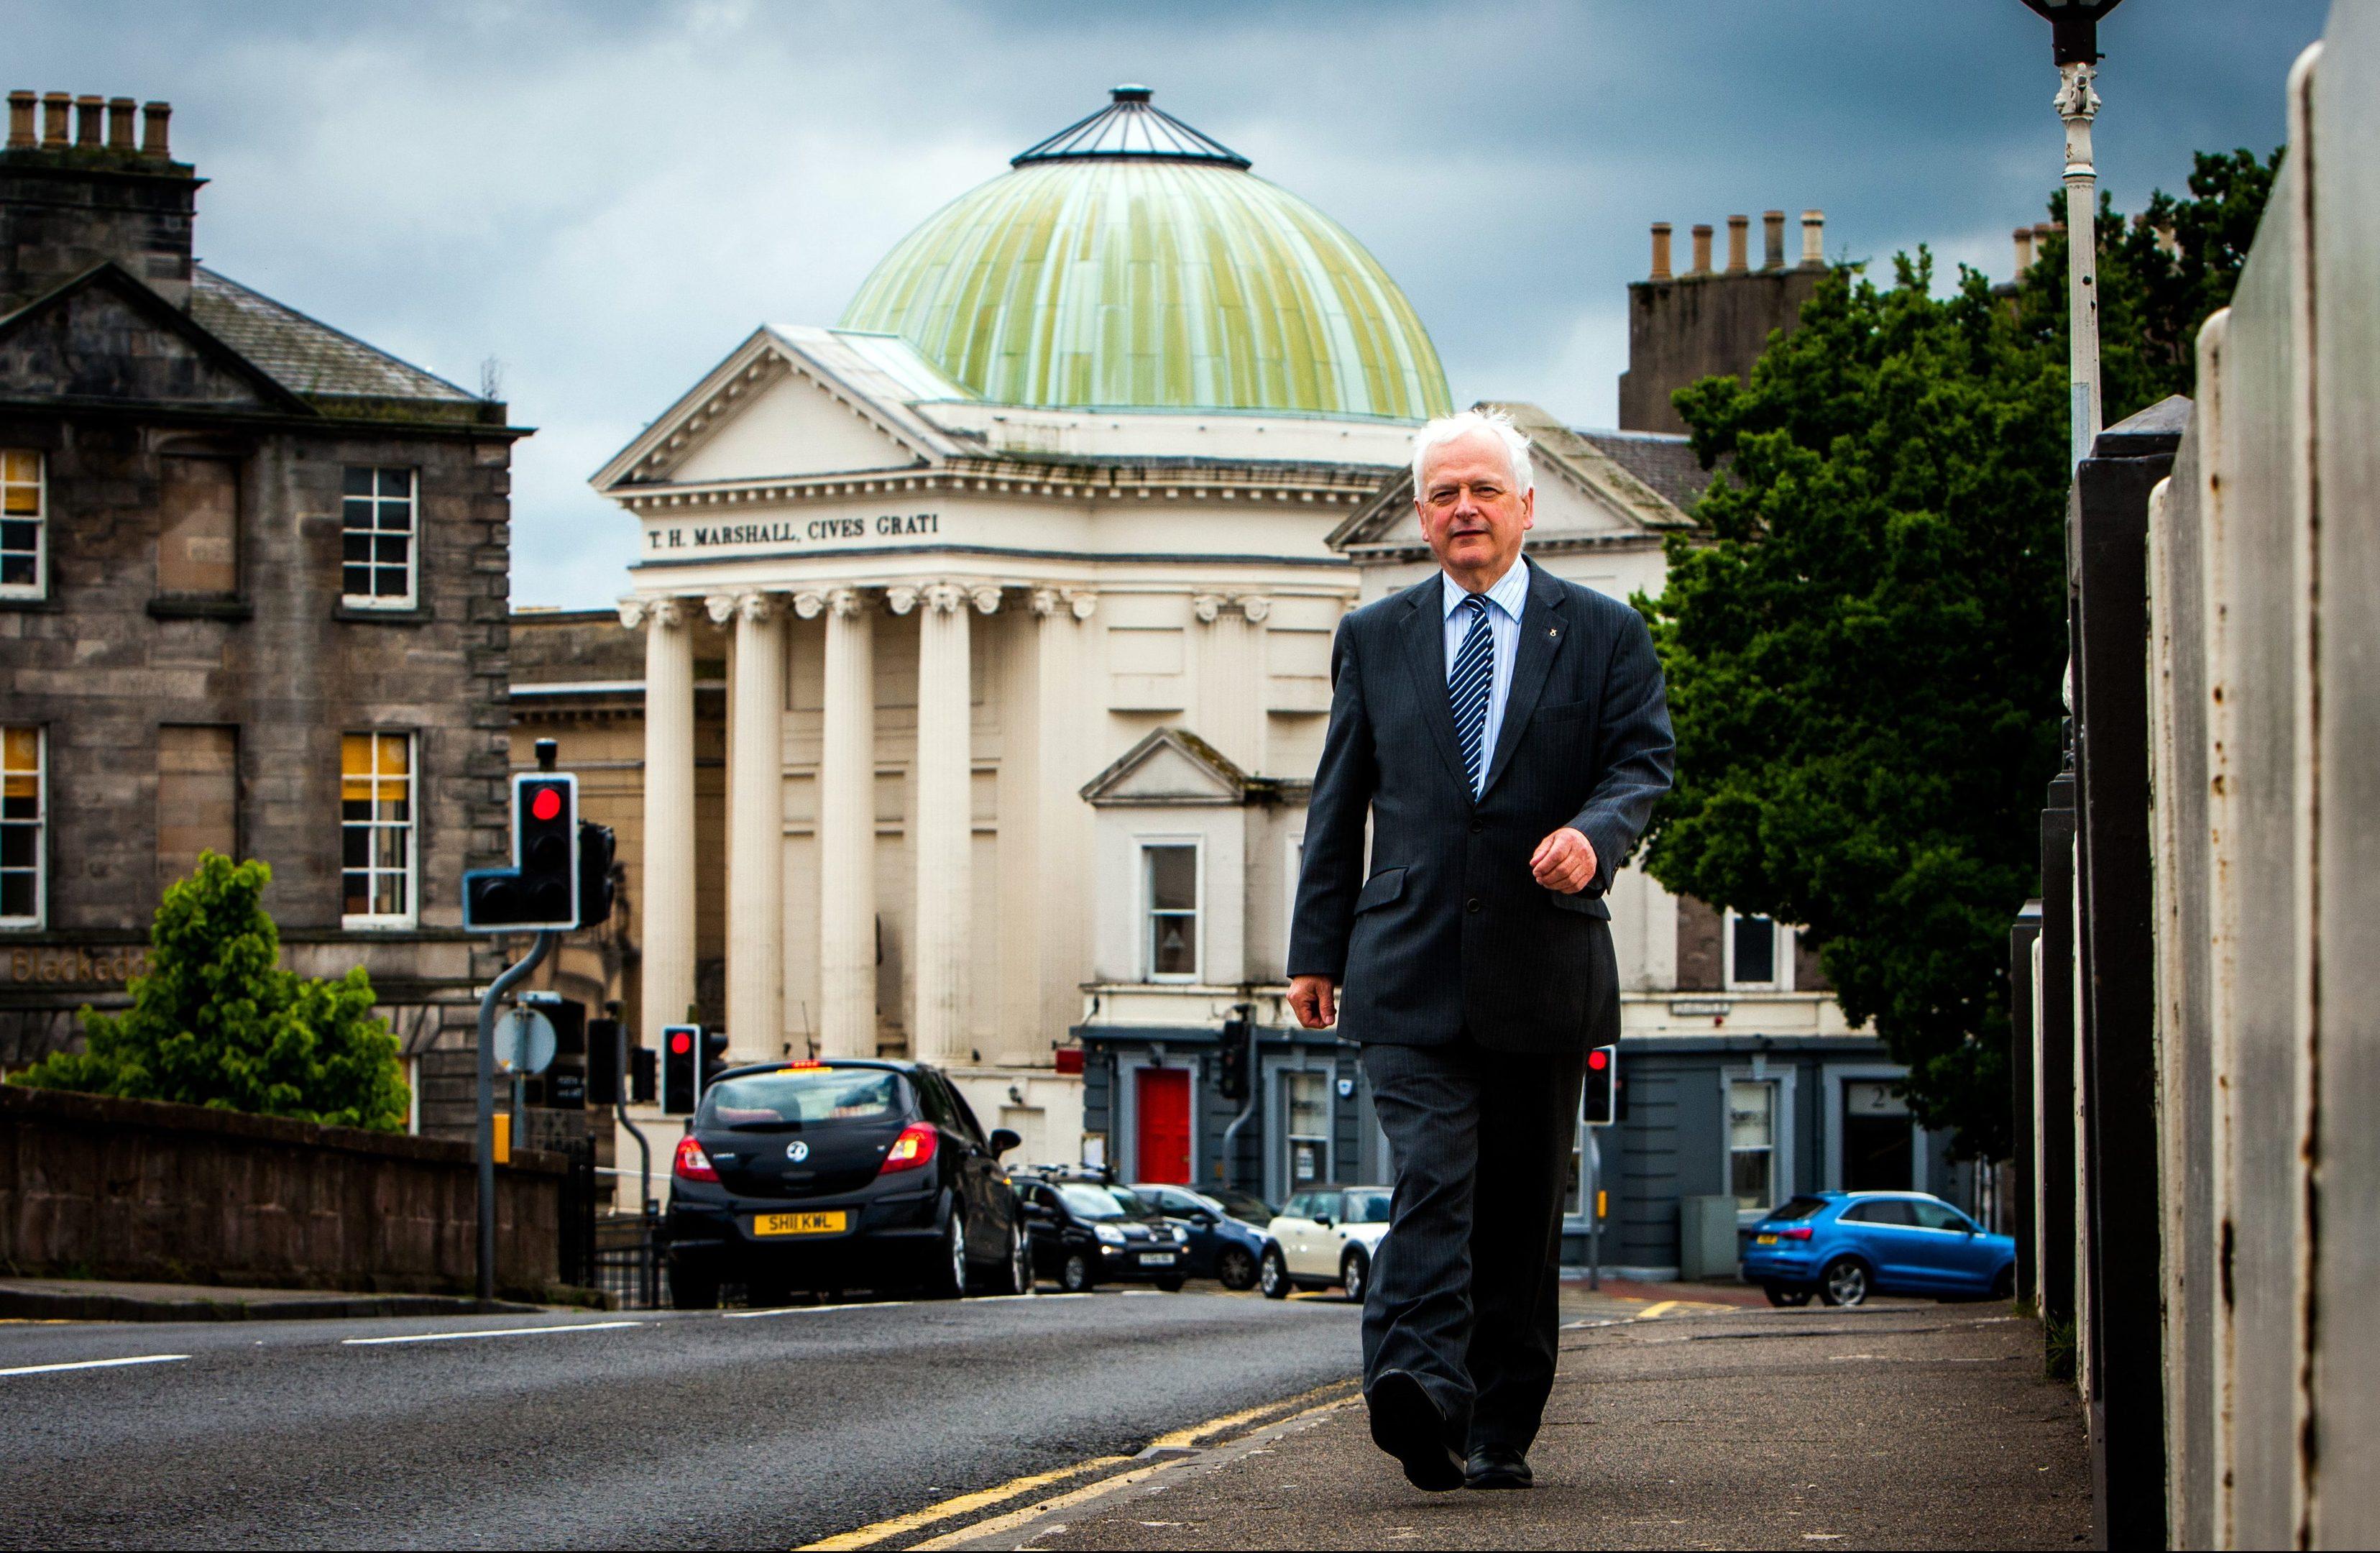 Councillor Ian Miler